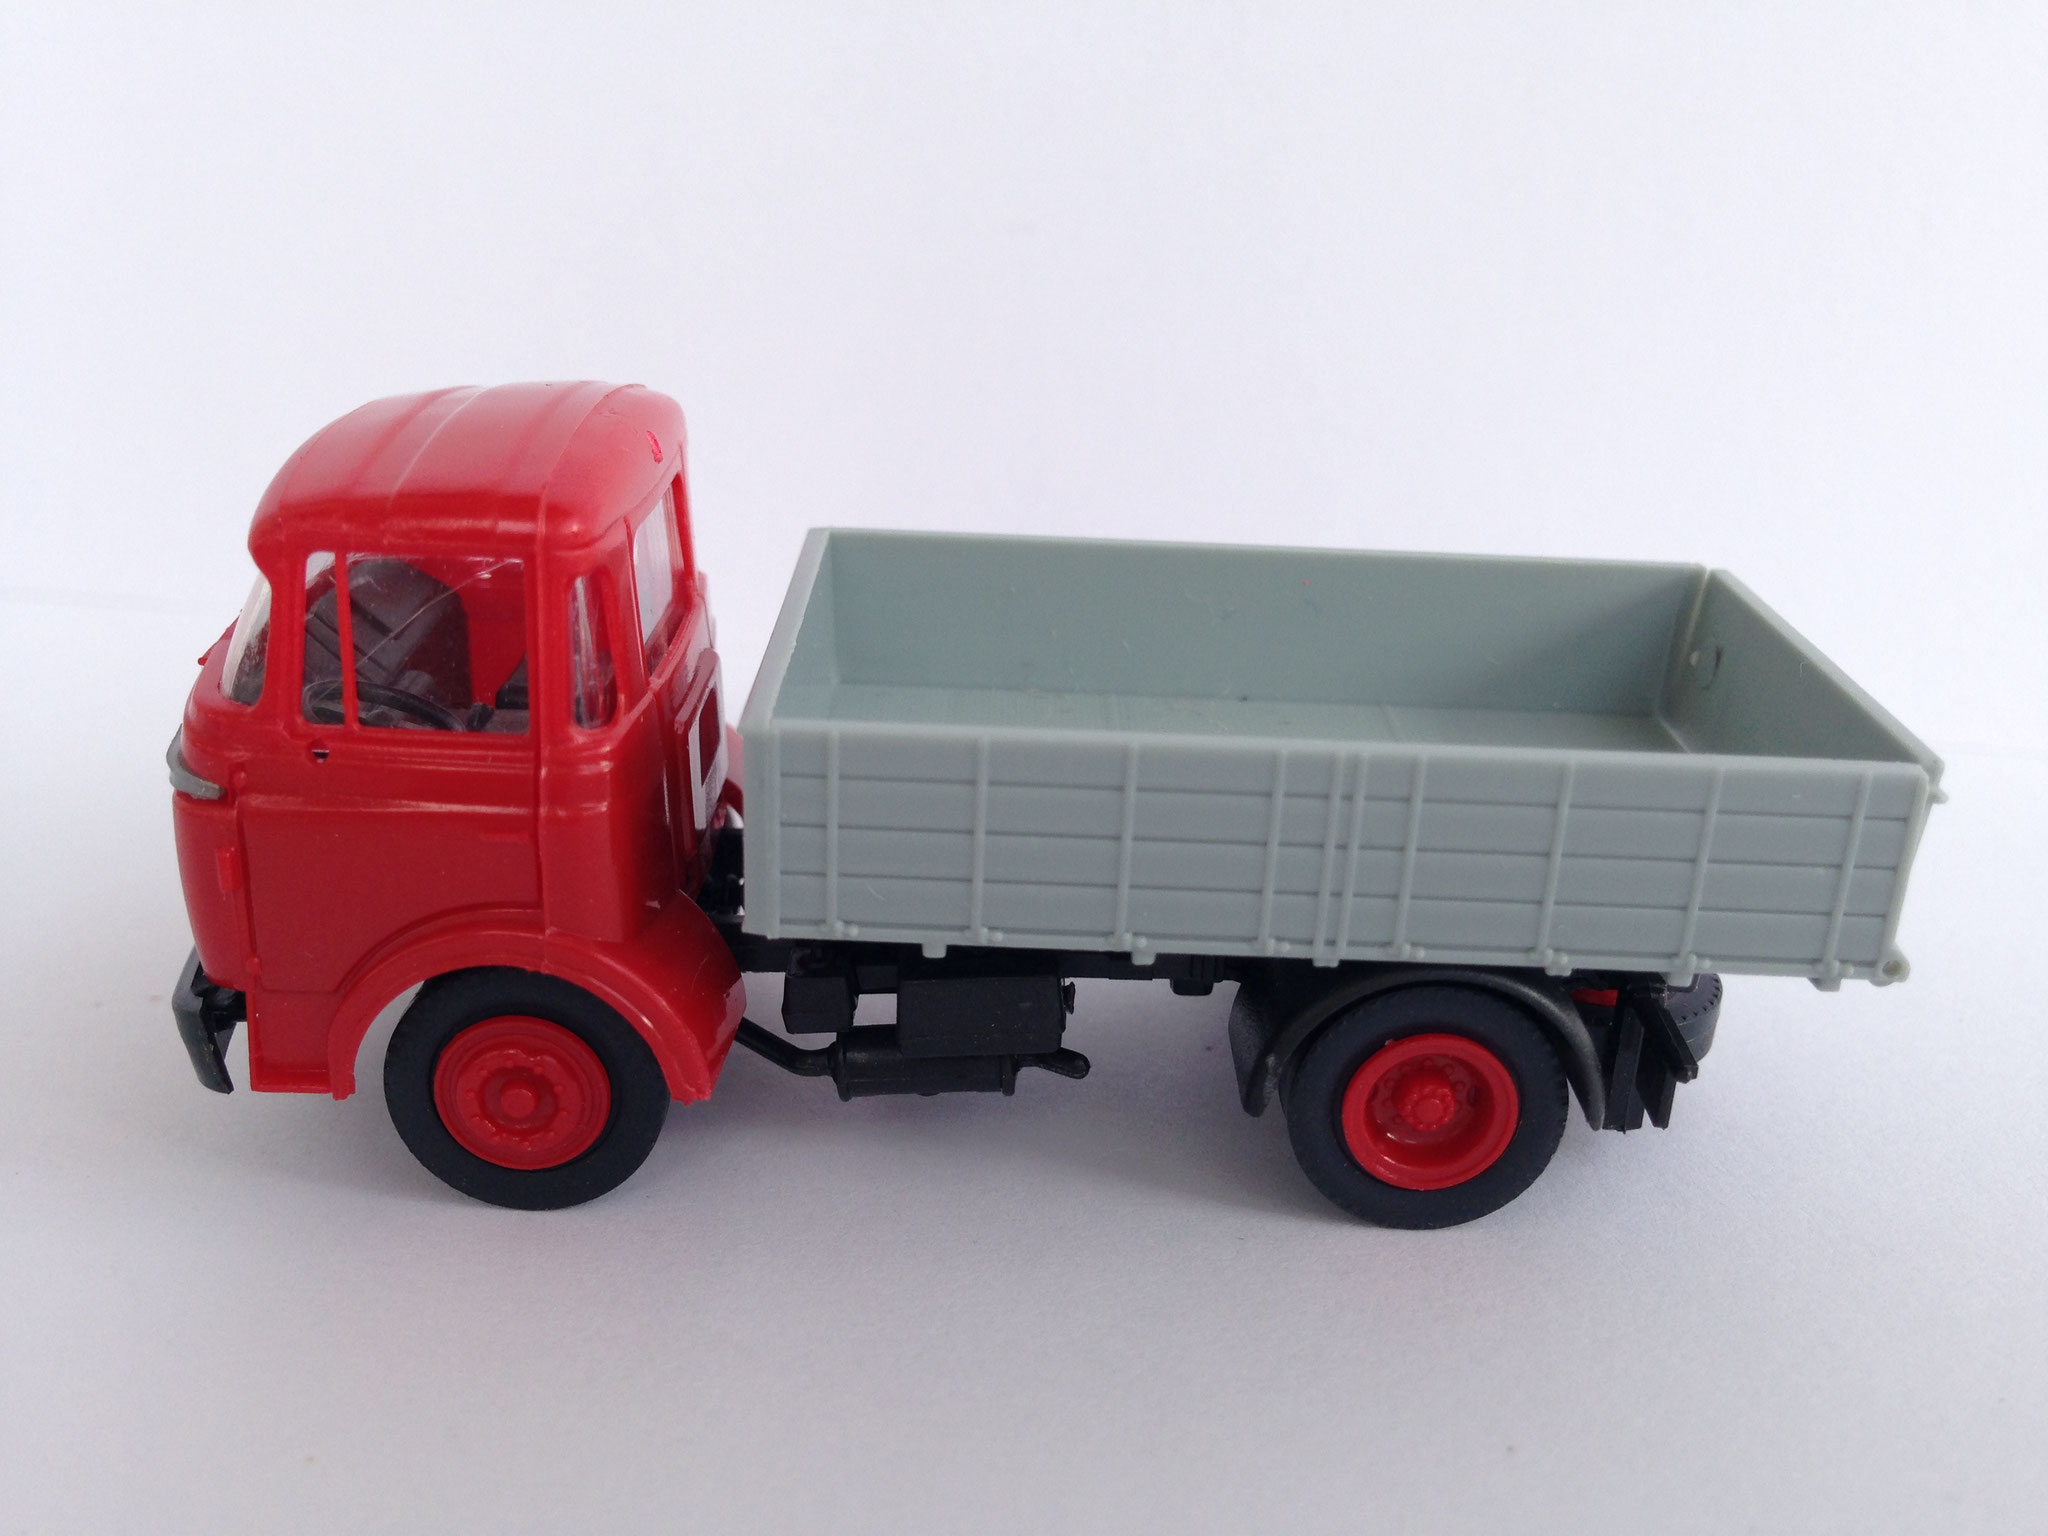 2-Achser Kleinlastwagen mit Pritsche, Art. Nr. 474 (ab 1987 im Programm)